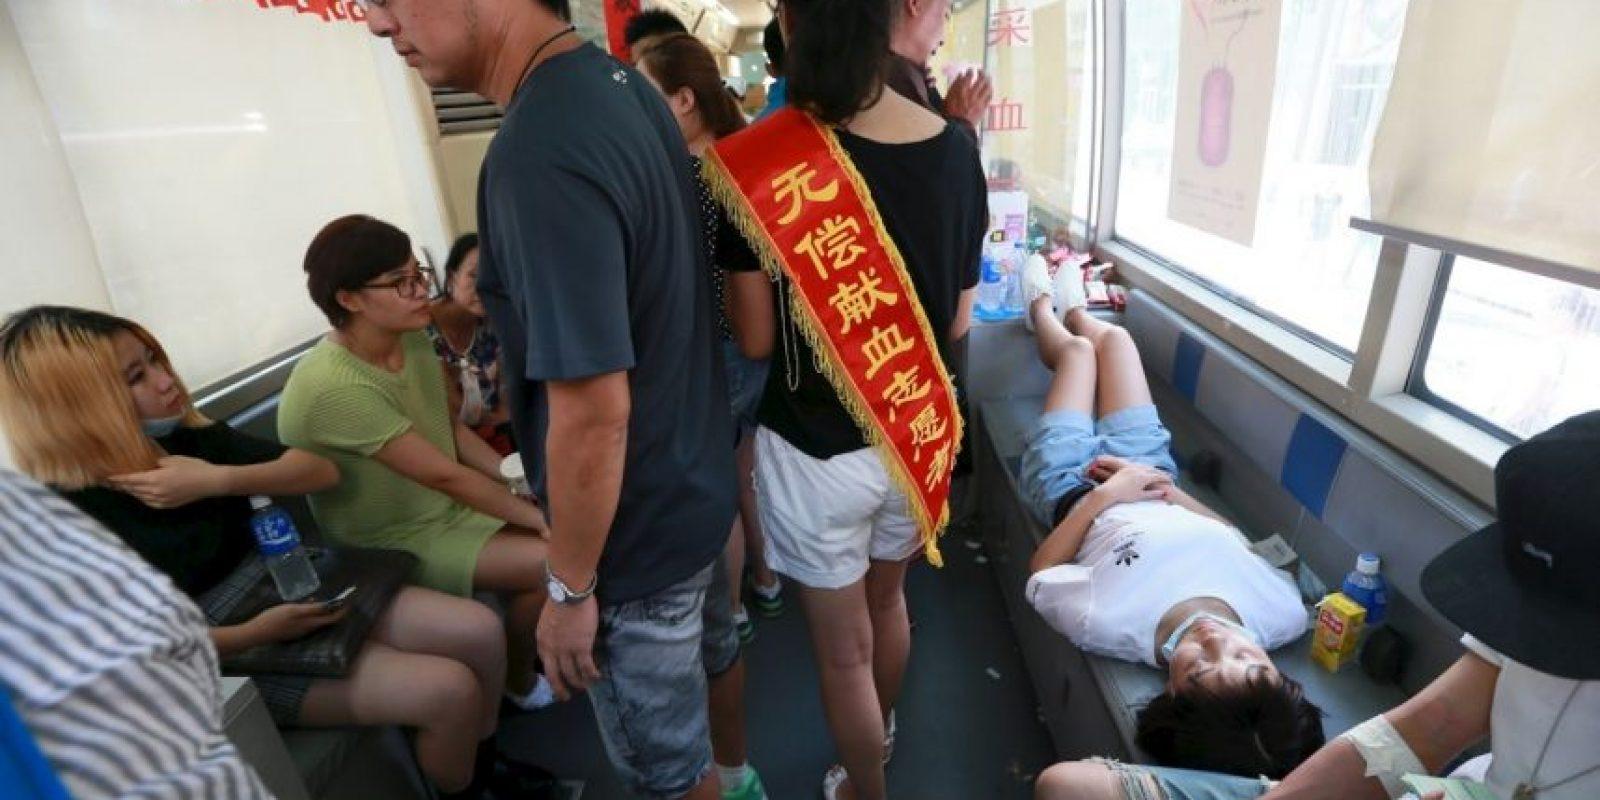 Cientos de personas acuden a los hospitales de la zona para donar sangre Foto:Getty Images